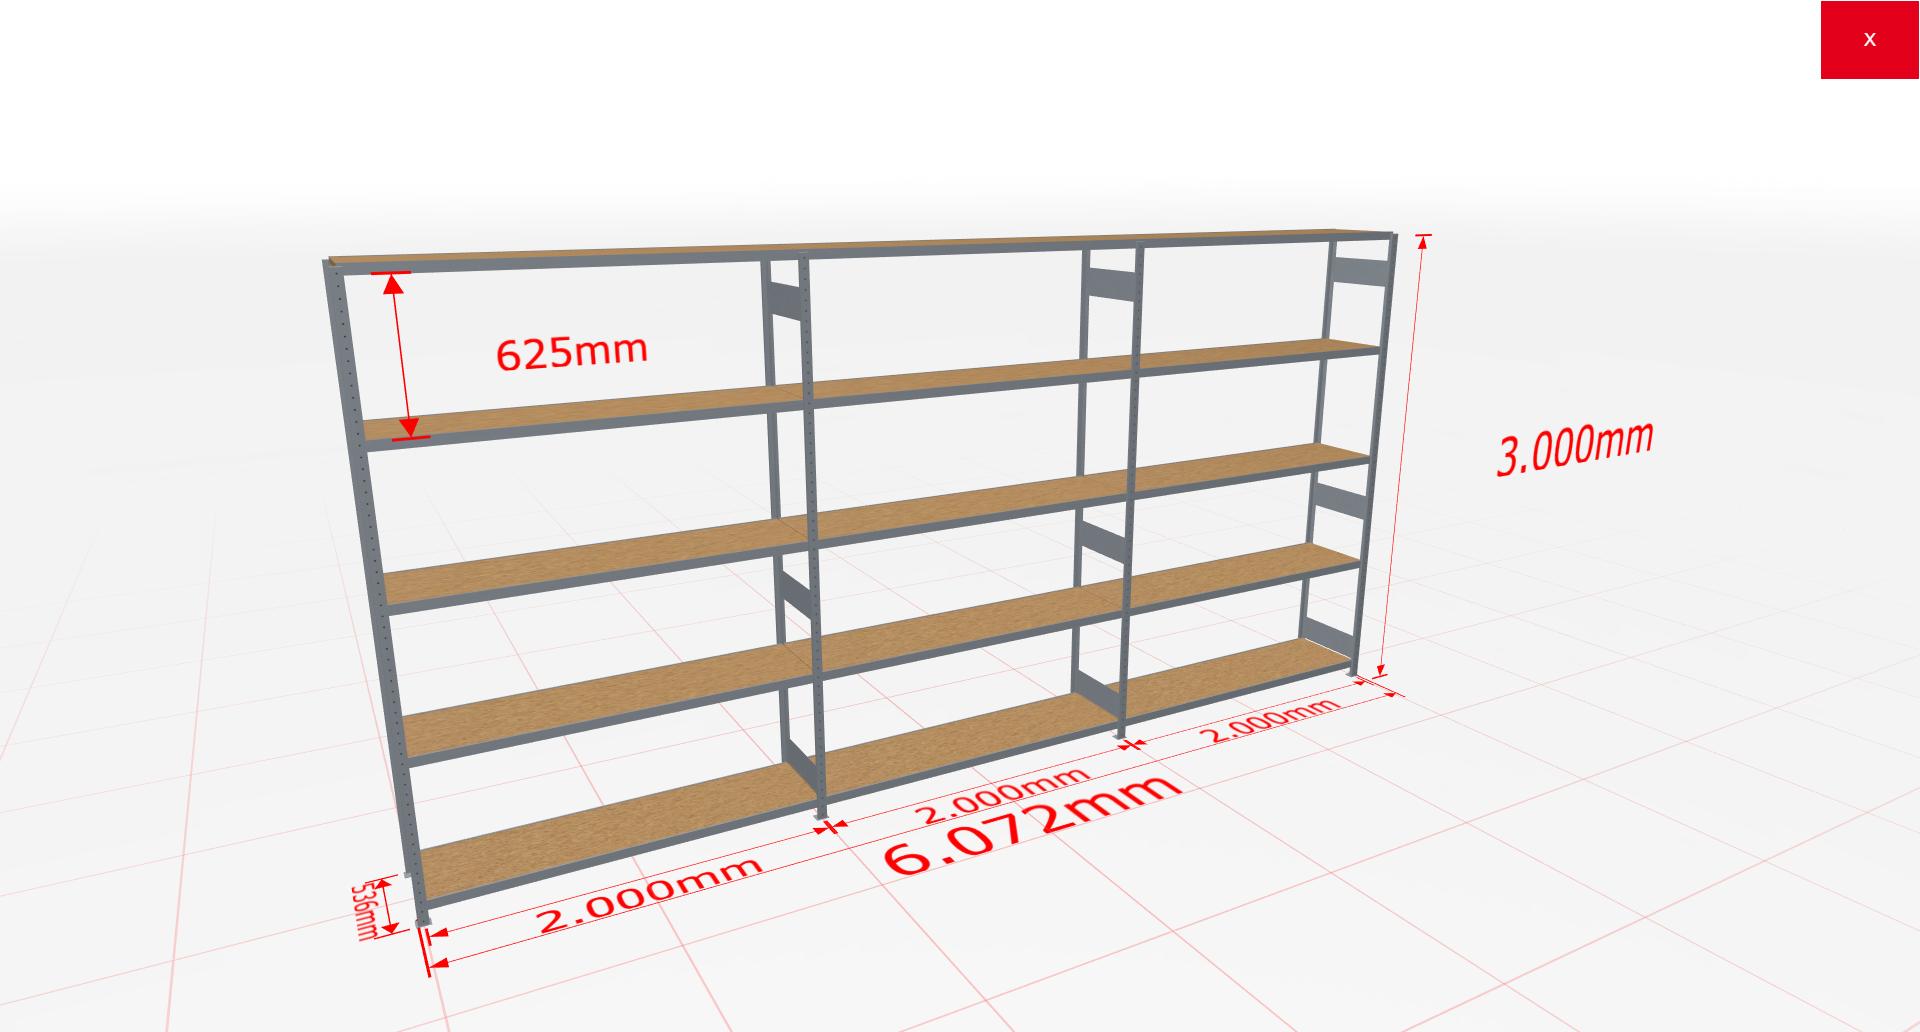 Weitspannregal Komplettregal 3000x6072x500 mm (HxBxT) SCHULTE Lagertechnik verzinkt mit Spanplattenböden